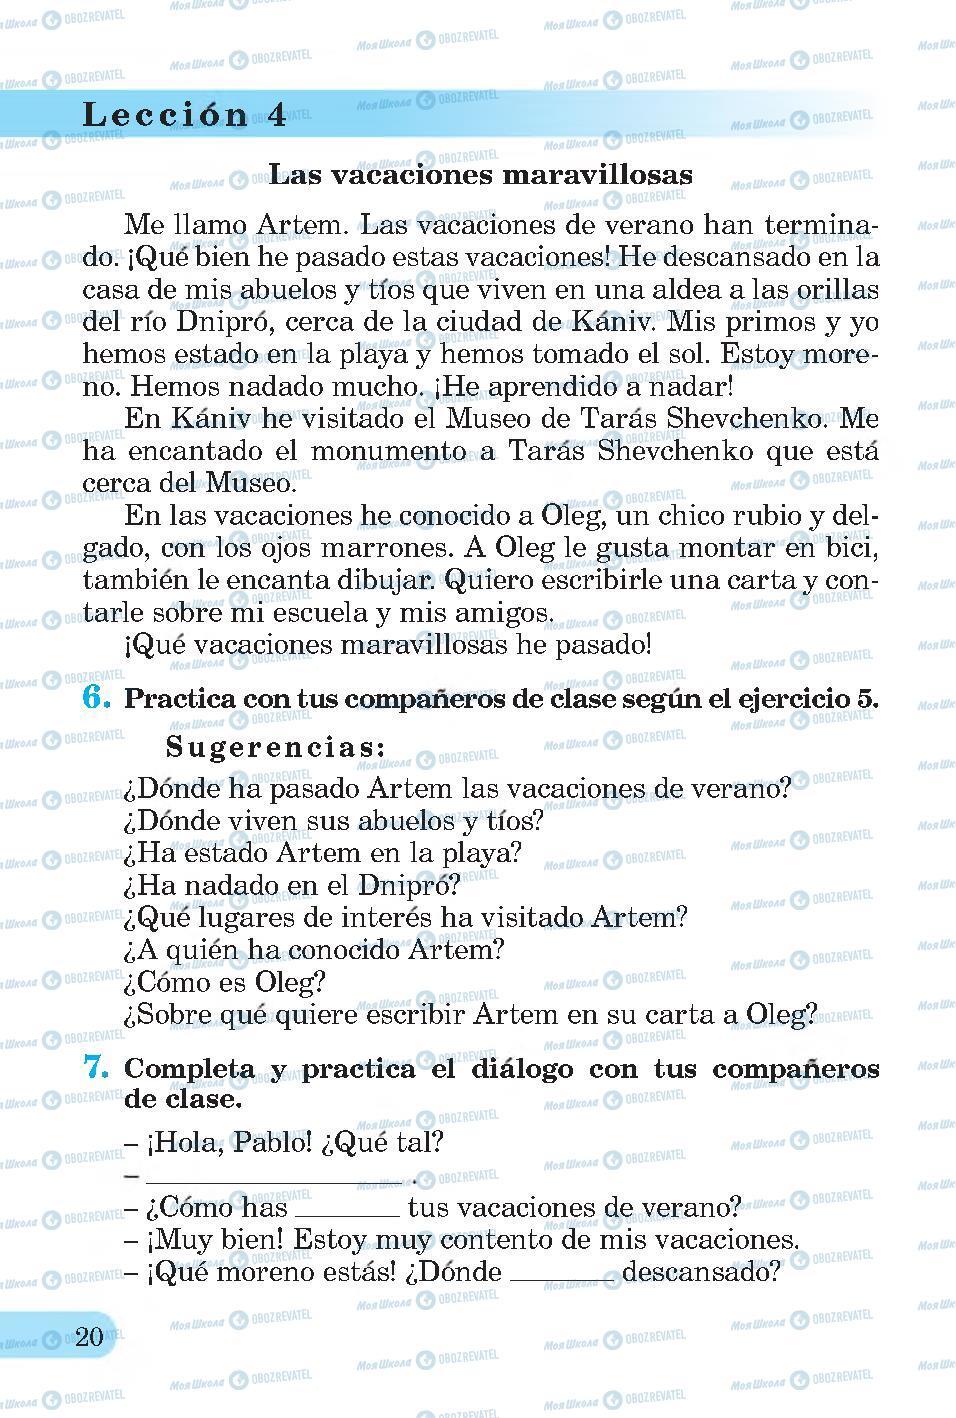 Підручники Іспанська мова 4 клас сторінка 20